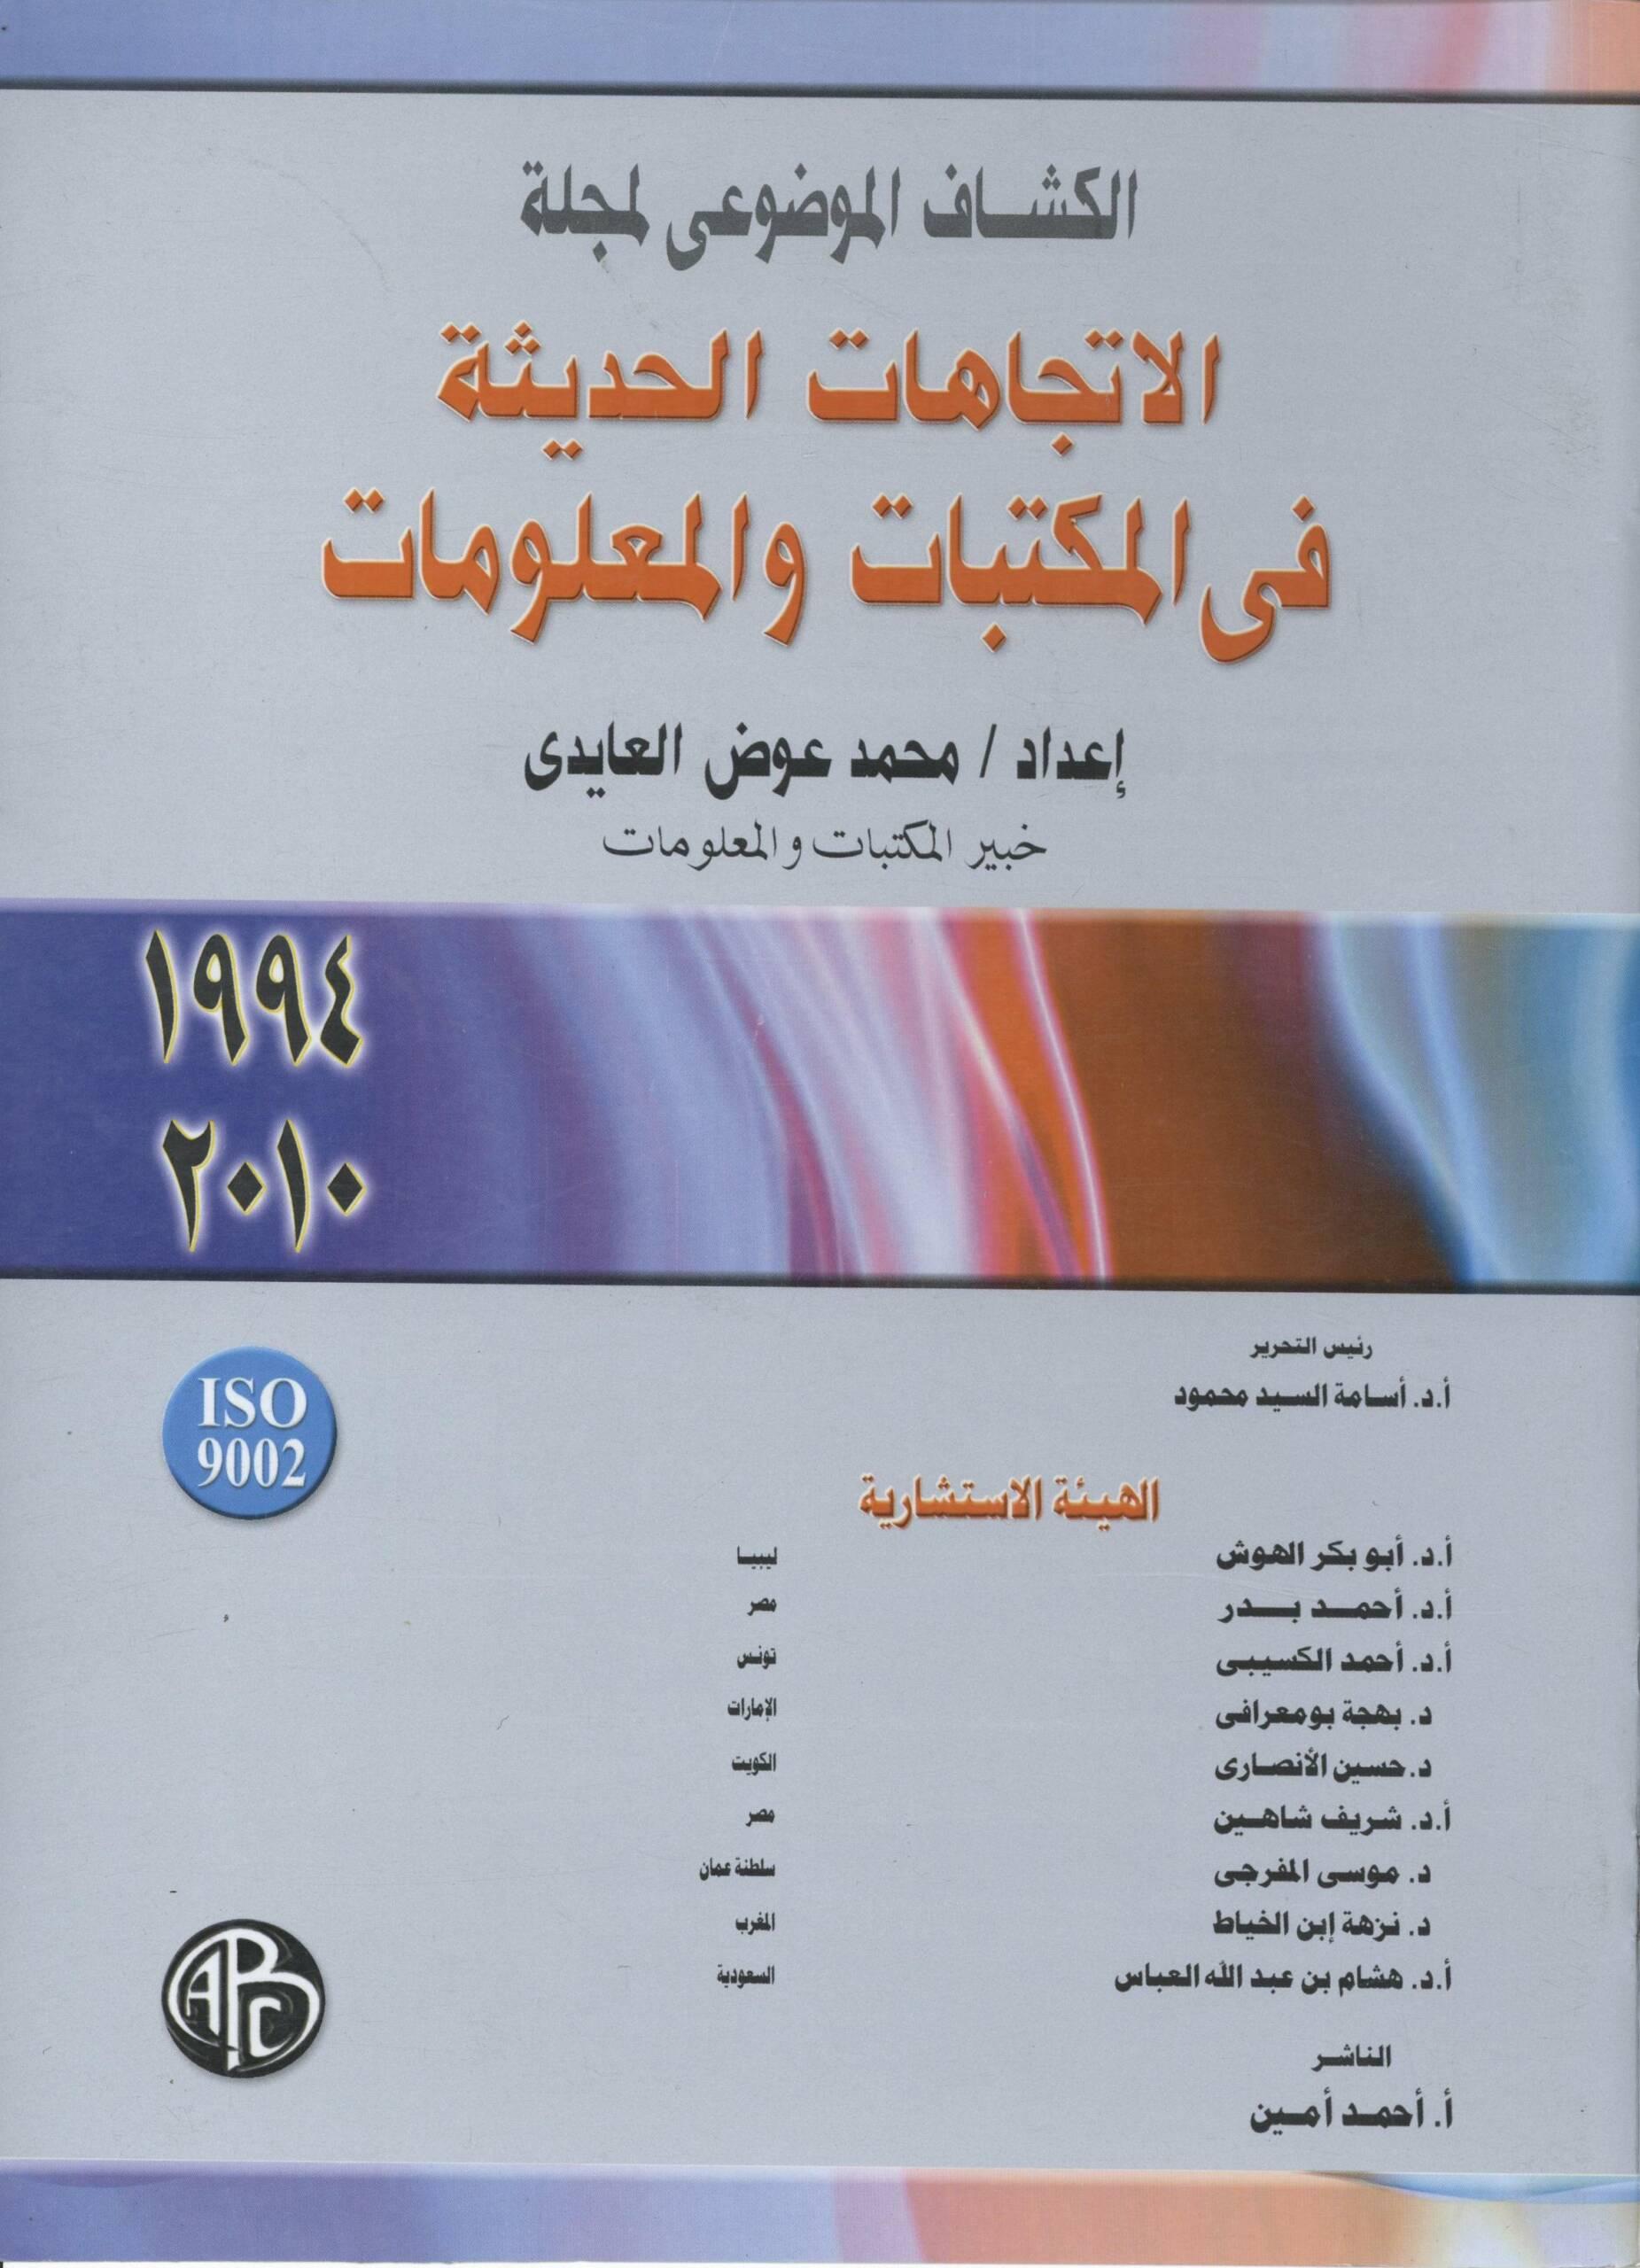 الكشاف الموضوعى لمجلة الاتجاهات الحديثة فى المكتبات و المعلومات 1994-2010